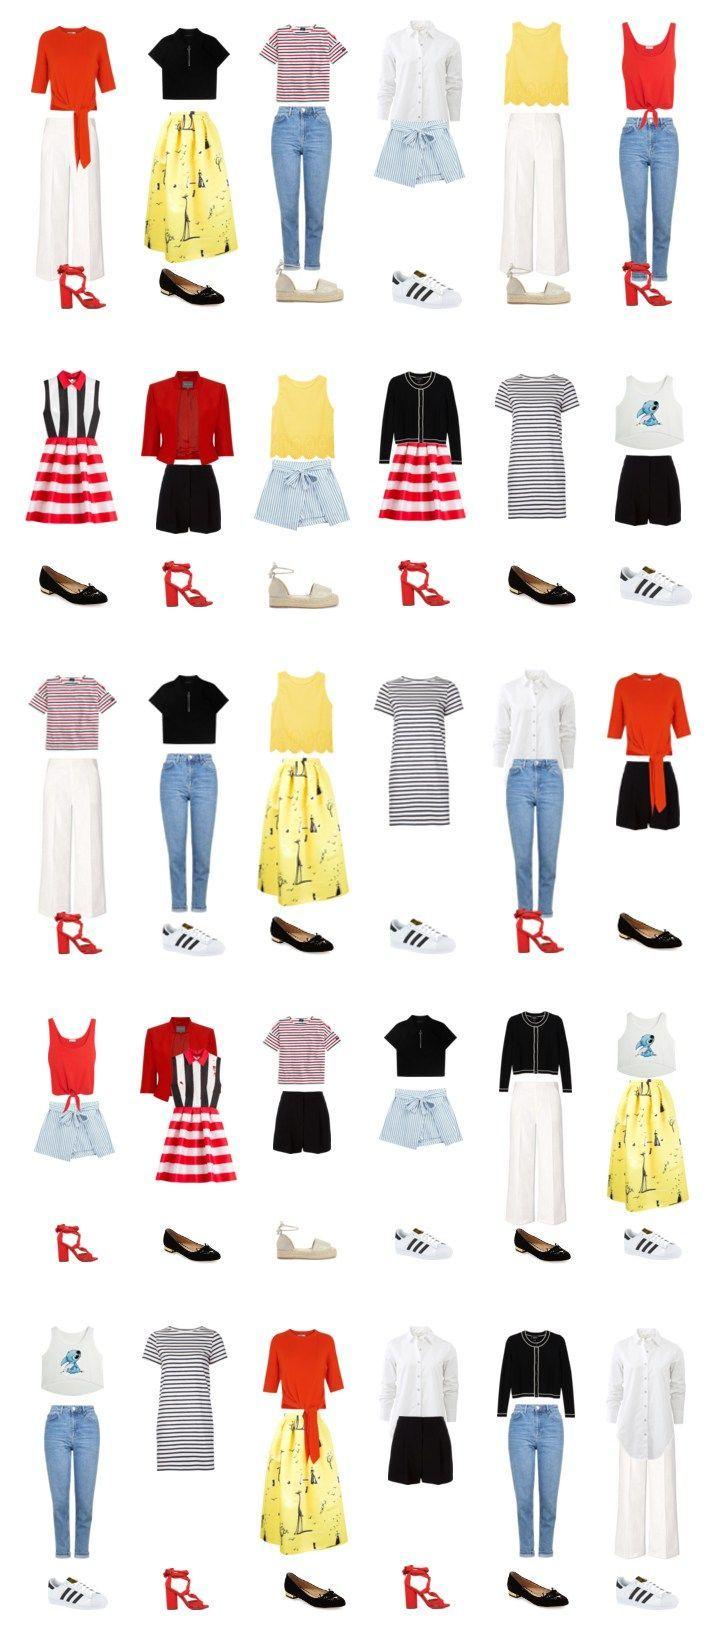 Капсульный гардероб на лето: <br> 30 образов из 20 вещей для работы и отдыха